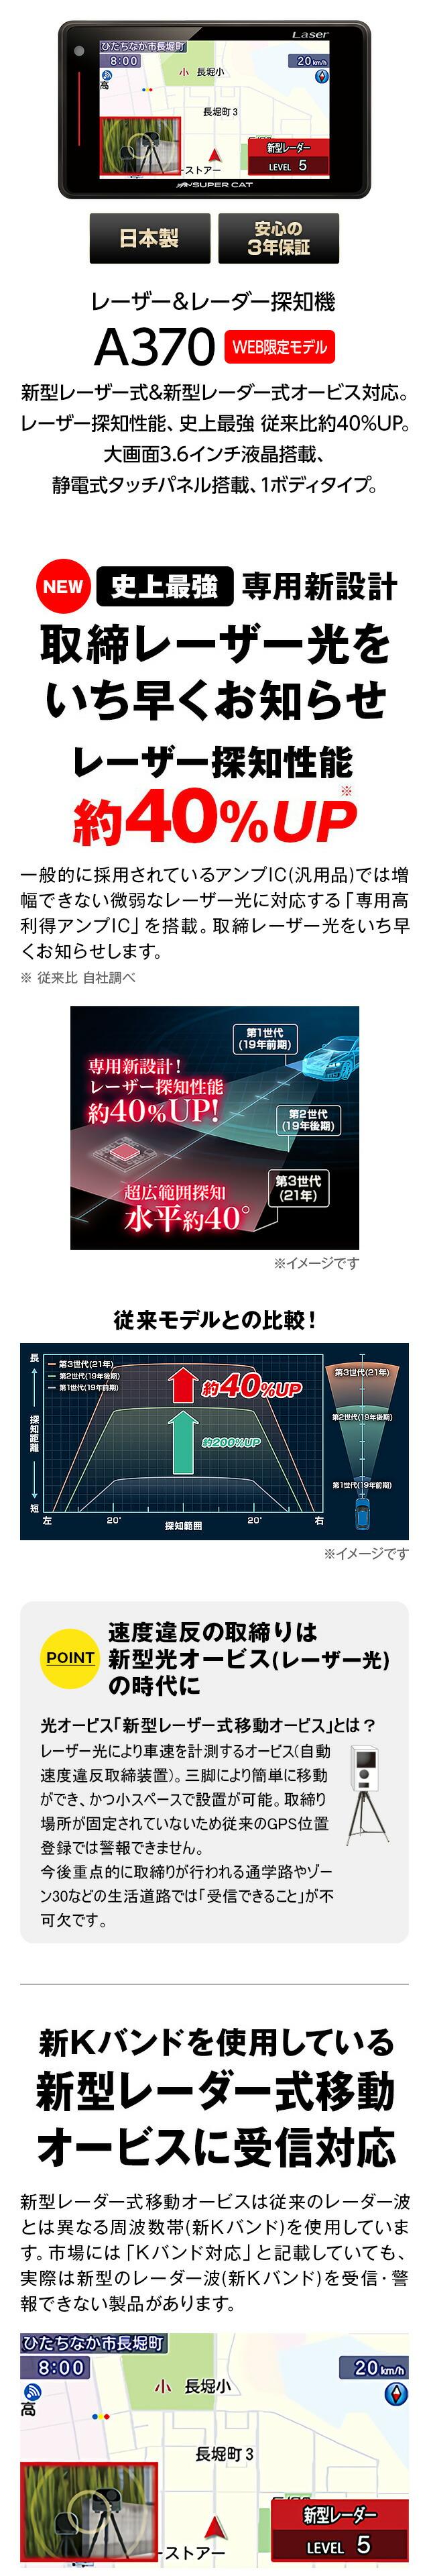 【あす楽対応】レーザー&レーダー探知機 ユピテル A370 日本製 3年保証 新型レーザー式&新型レーダー式オービス対応 WEB限定パッケージ 取説DL版